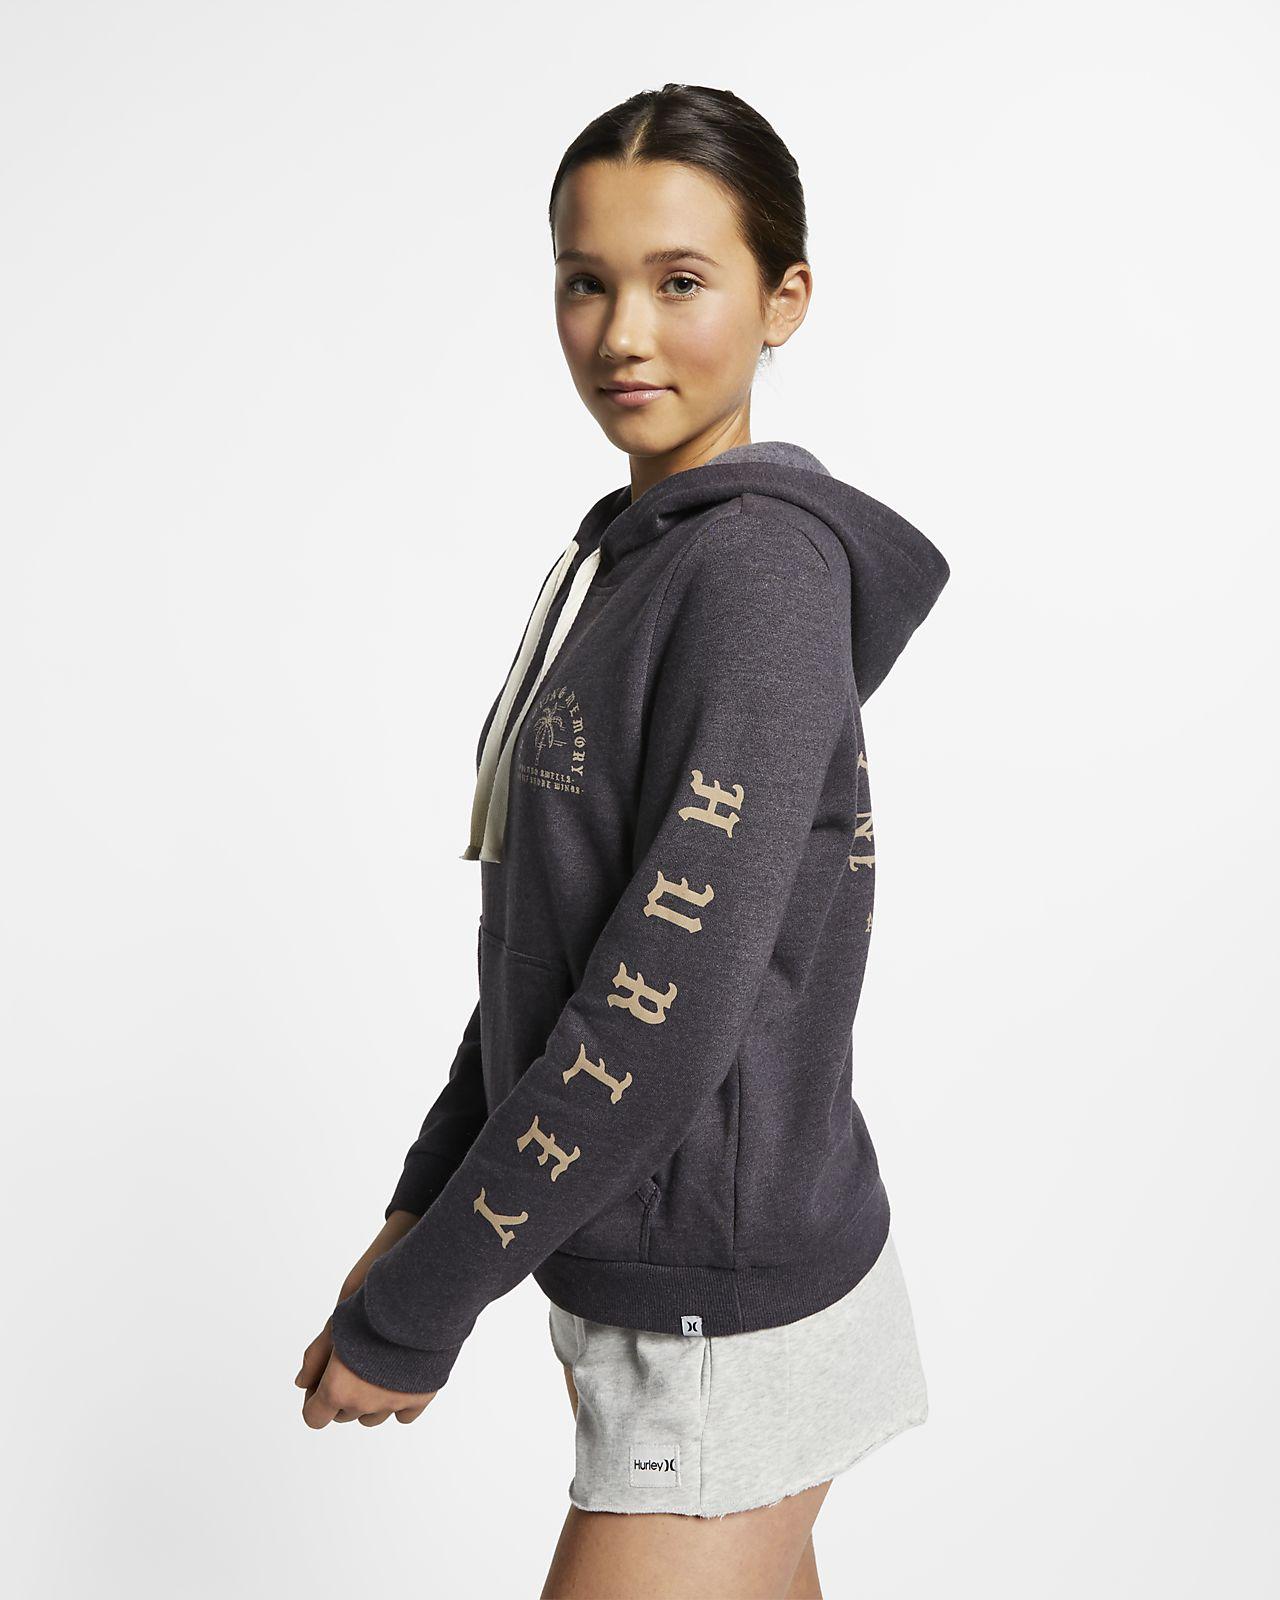 5a75661776b9 Fleecehuvtröja Hurley Combo Swells för kvinnor. Nike.com SE